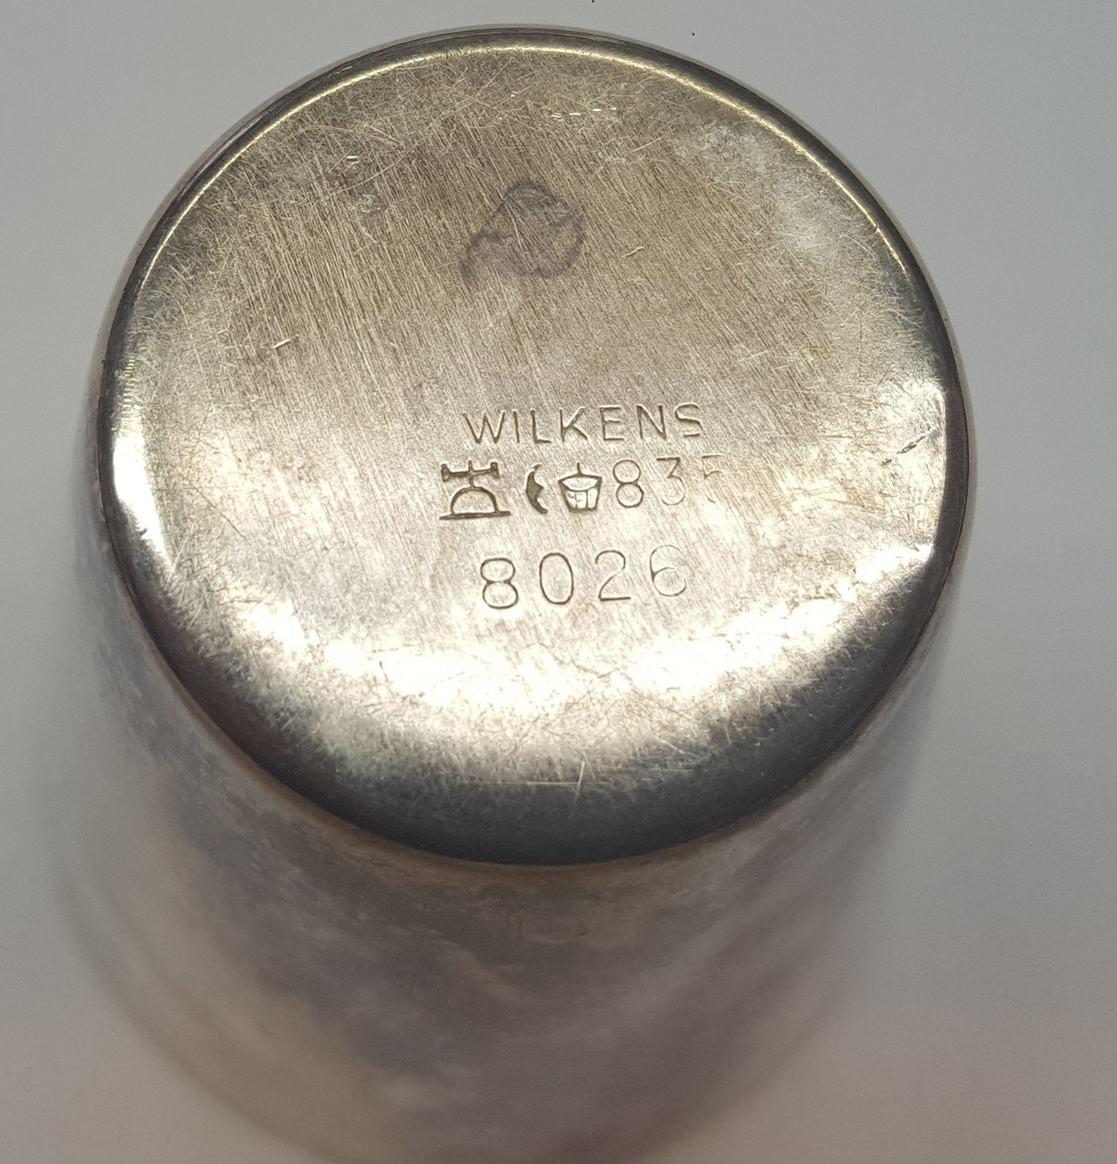 Becher Schnapsbecher Mod 7836 Wilkens 925er Sterling Silber